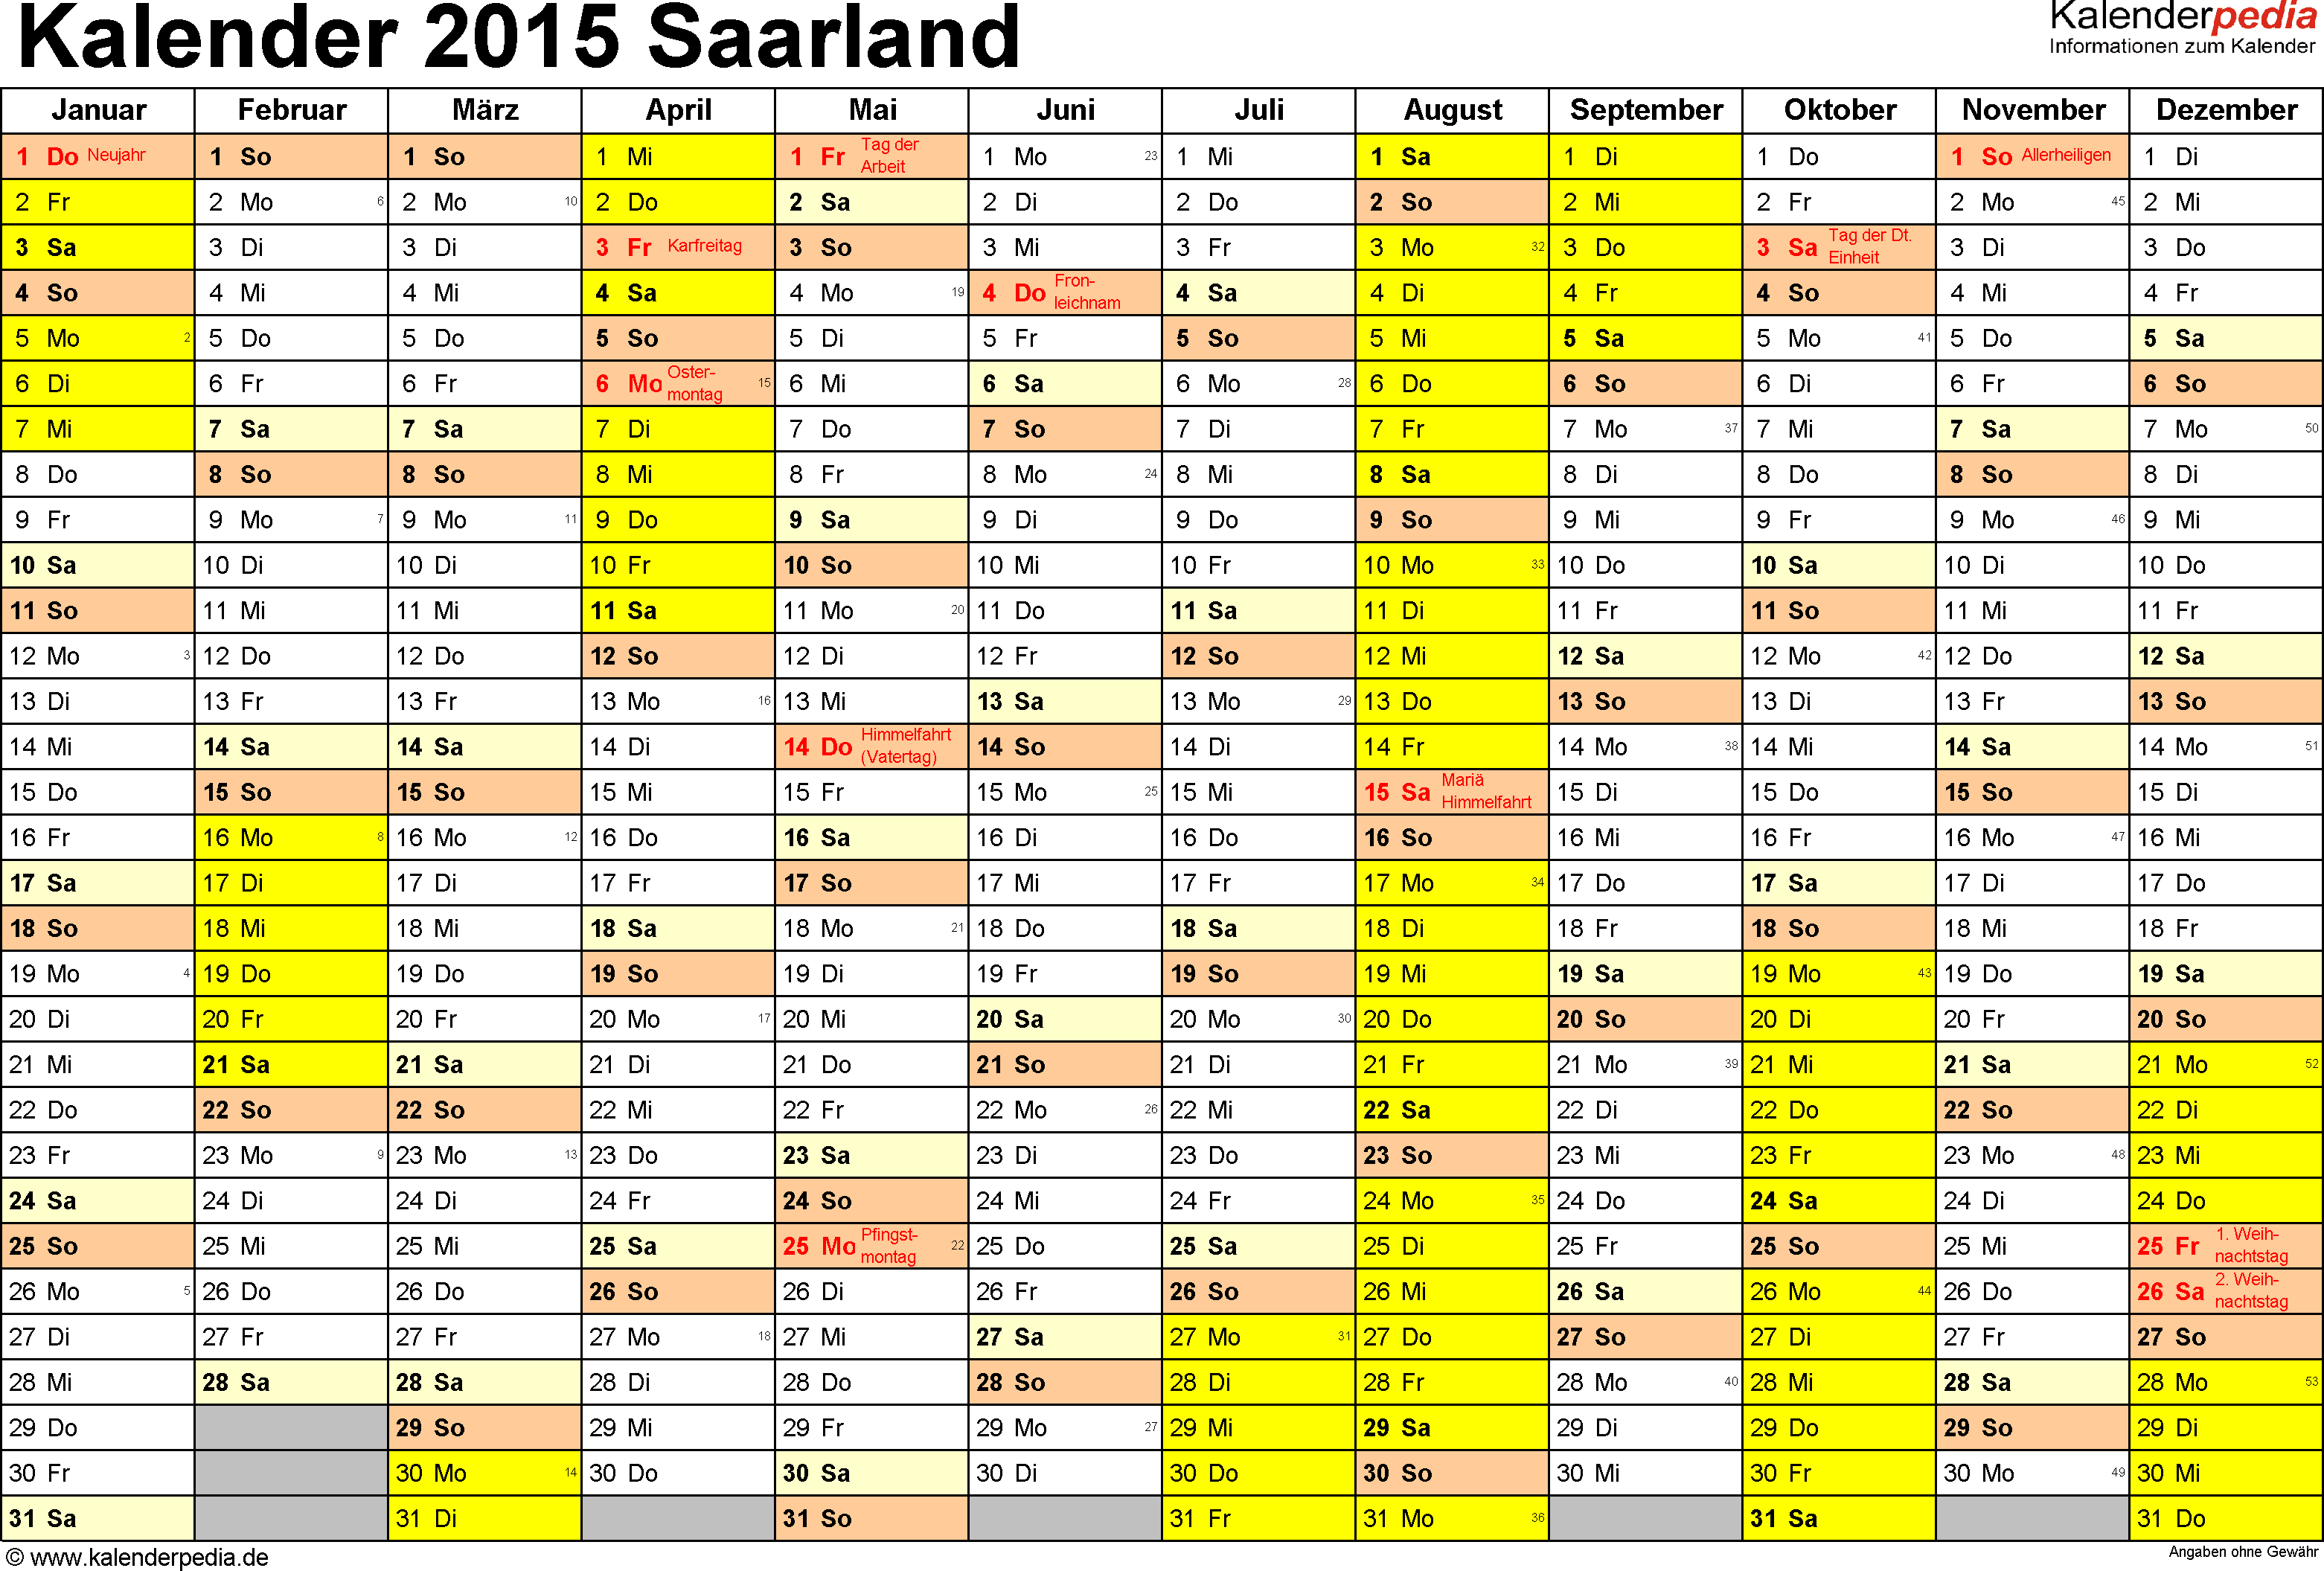 Vorlage 1: Kalender 2015 für Saarland als PDF-Vorlage (Querformat, 1 Seite)